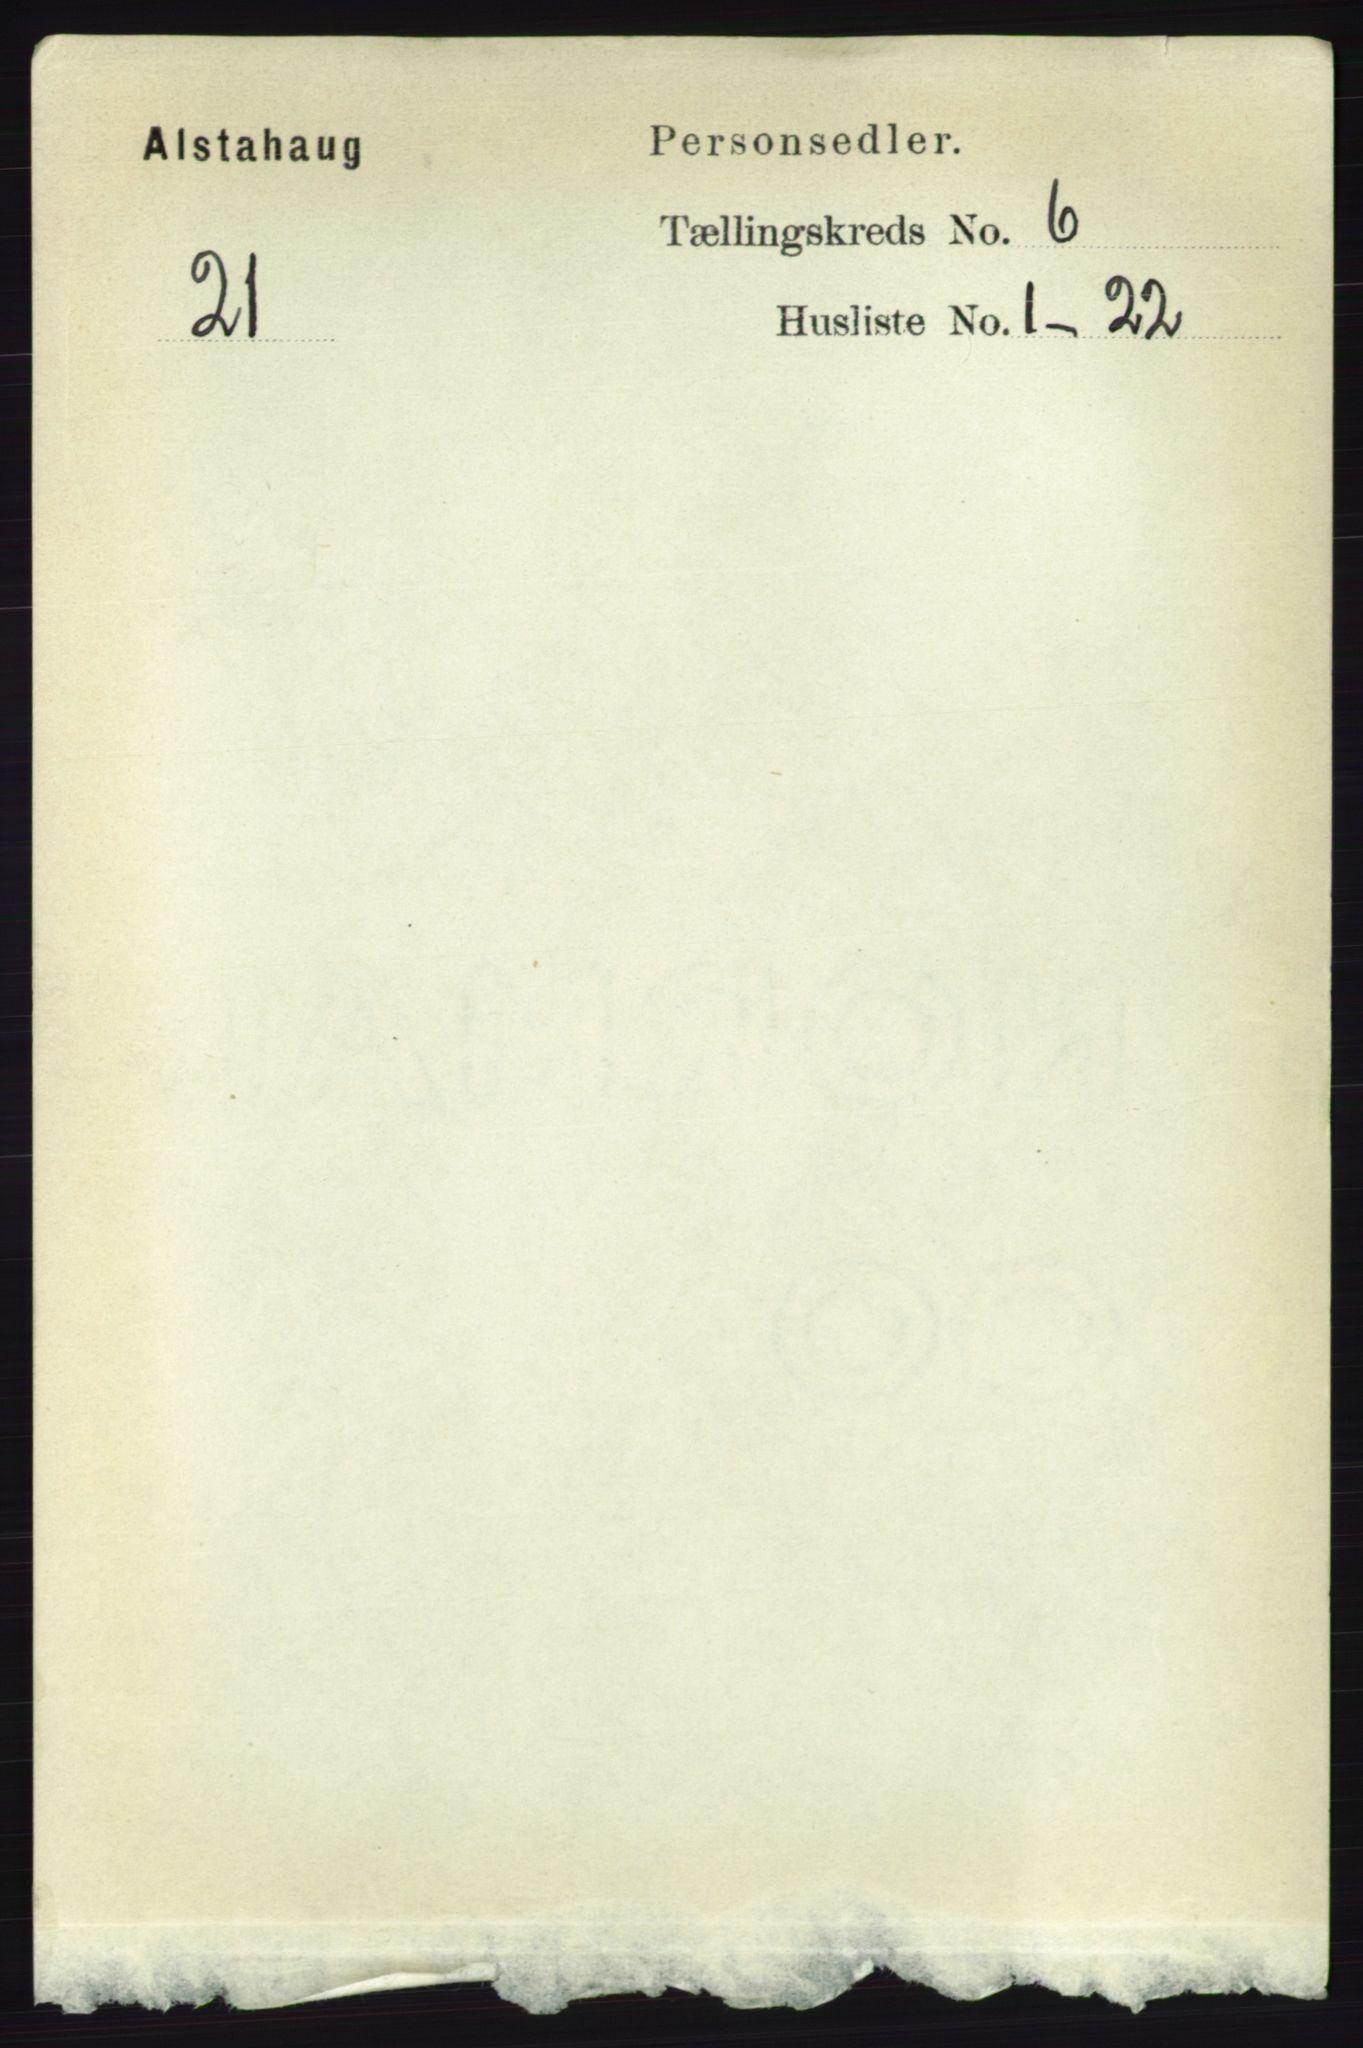 RA, Folketelling 1891 for 1820 Alstahaug herred, 1891, s. 2097